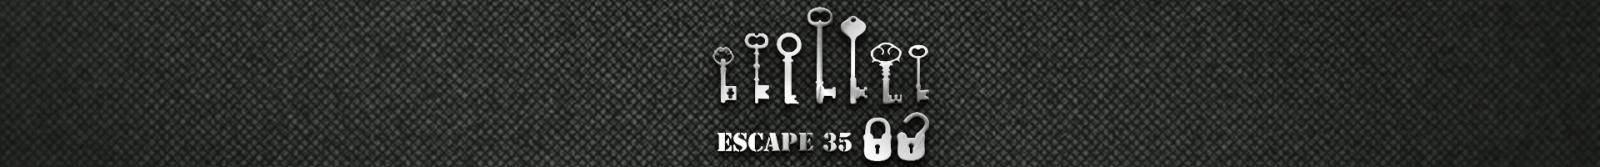 Yeni Görev - Gerçek Evden ve Odadan Kaçış Ekibi Escape35